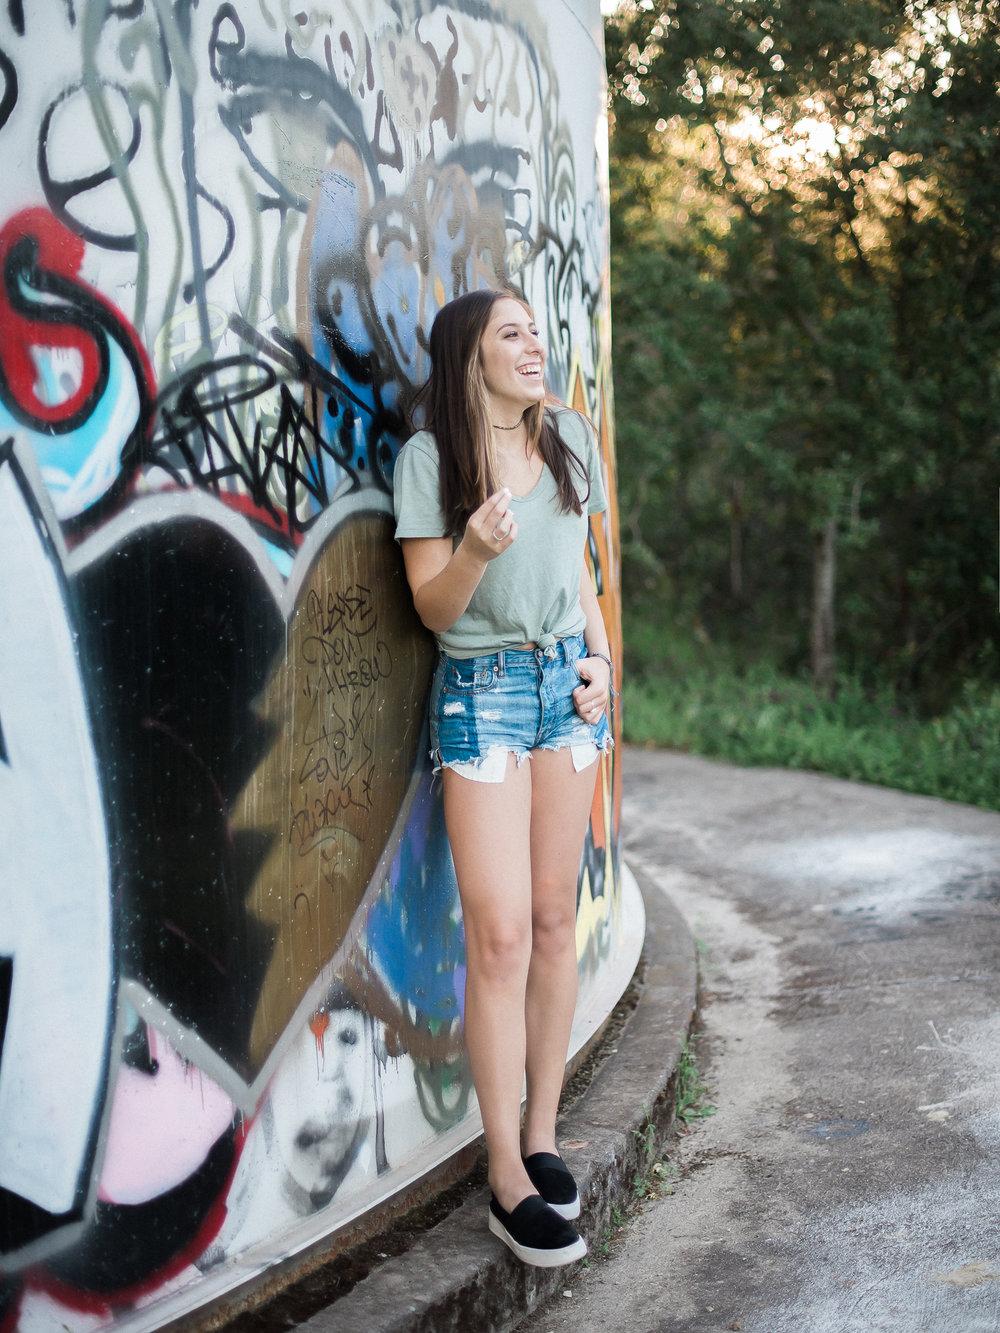 Gianna_HSseniot_spp-10.jpg